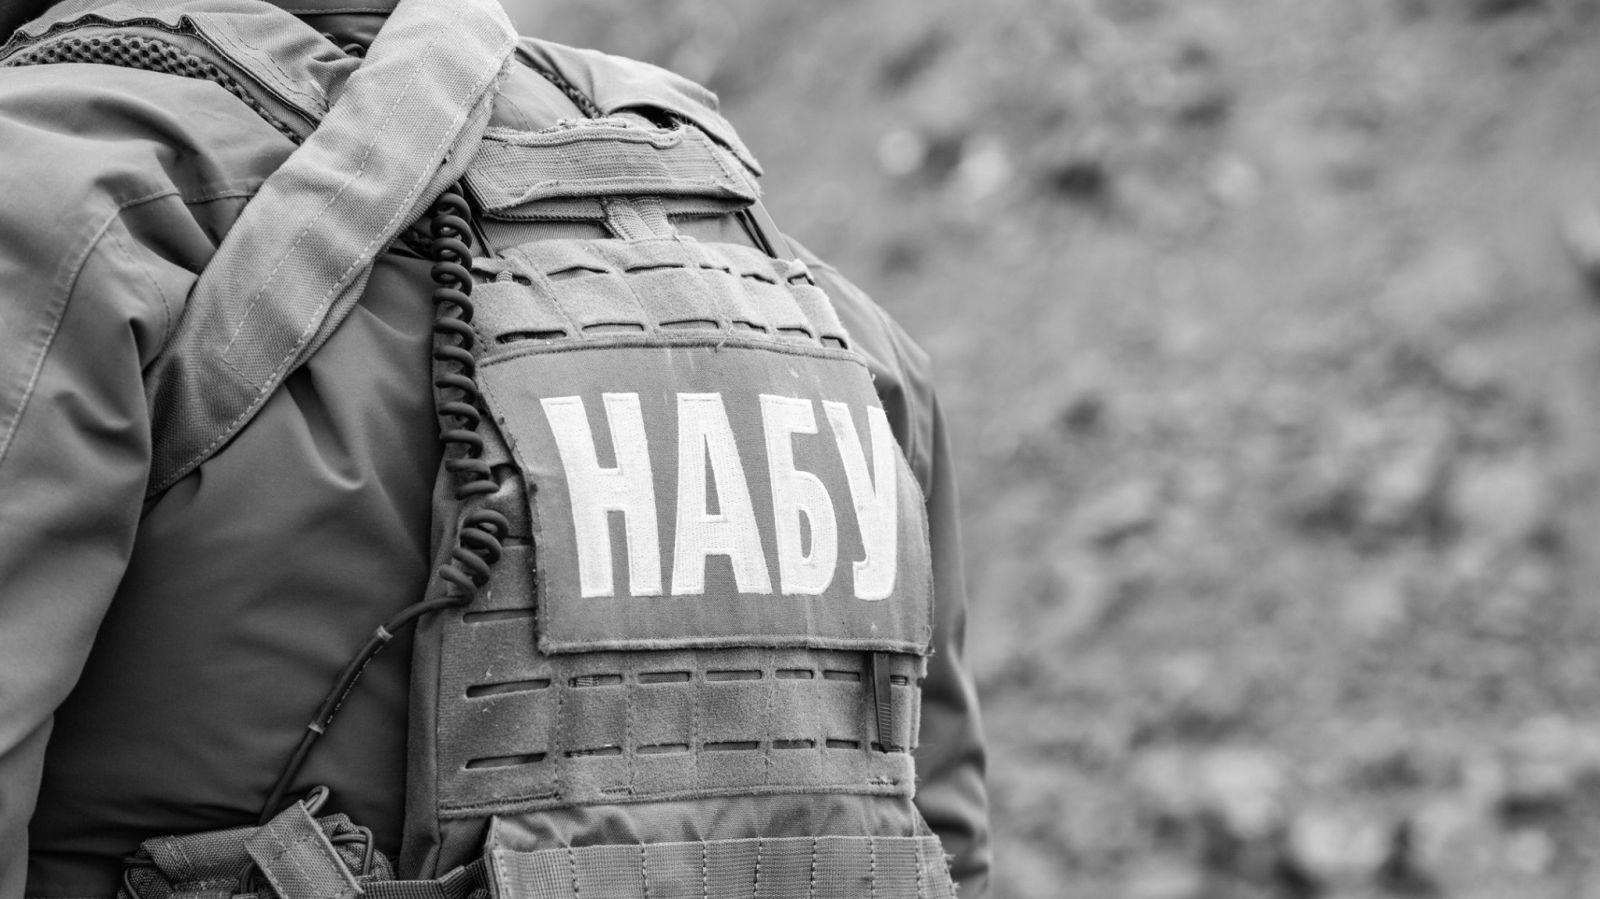 Правоохранительные органы Украины. Фото: НАБУ / Facebook